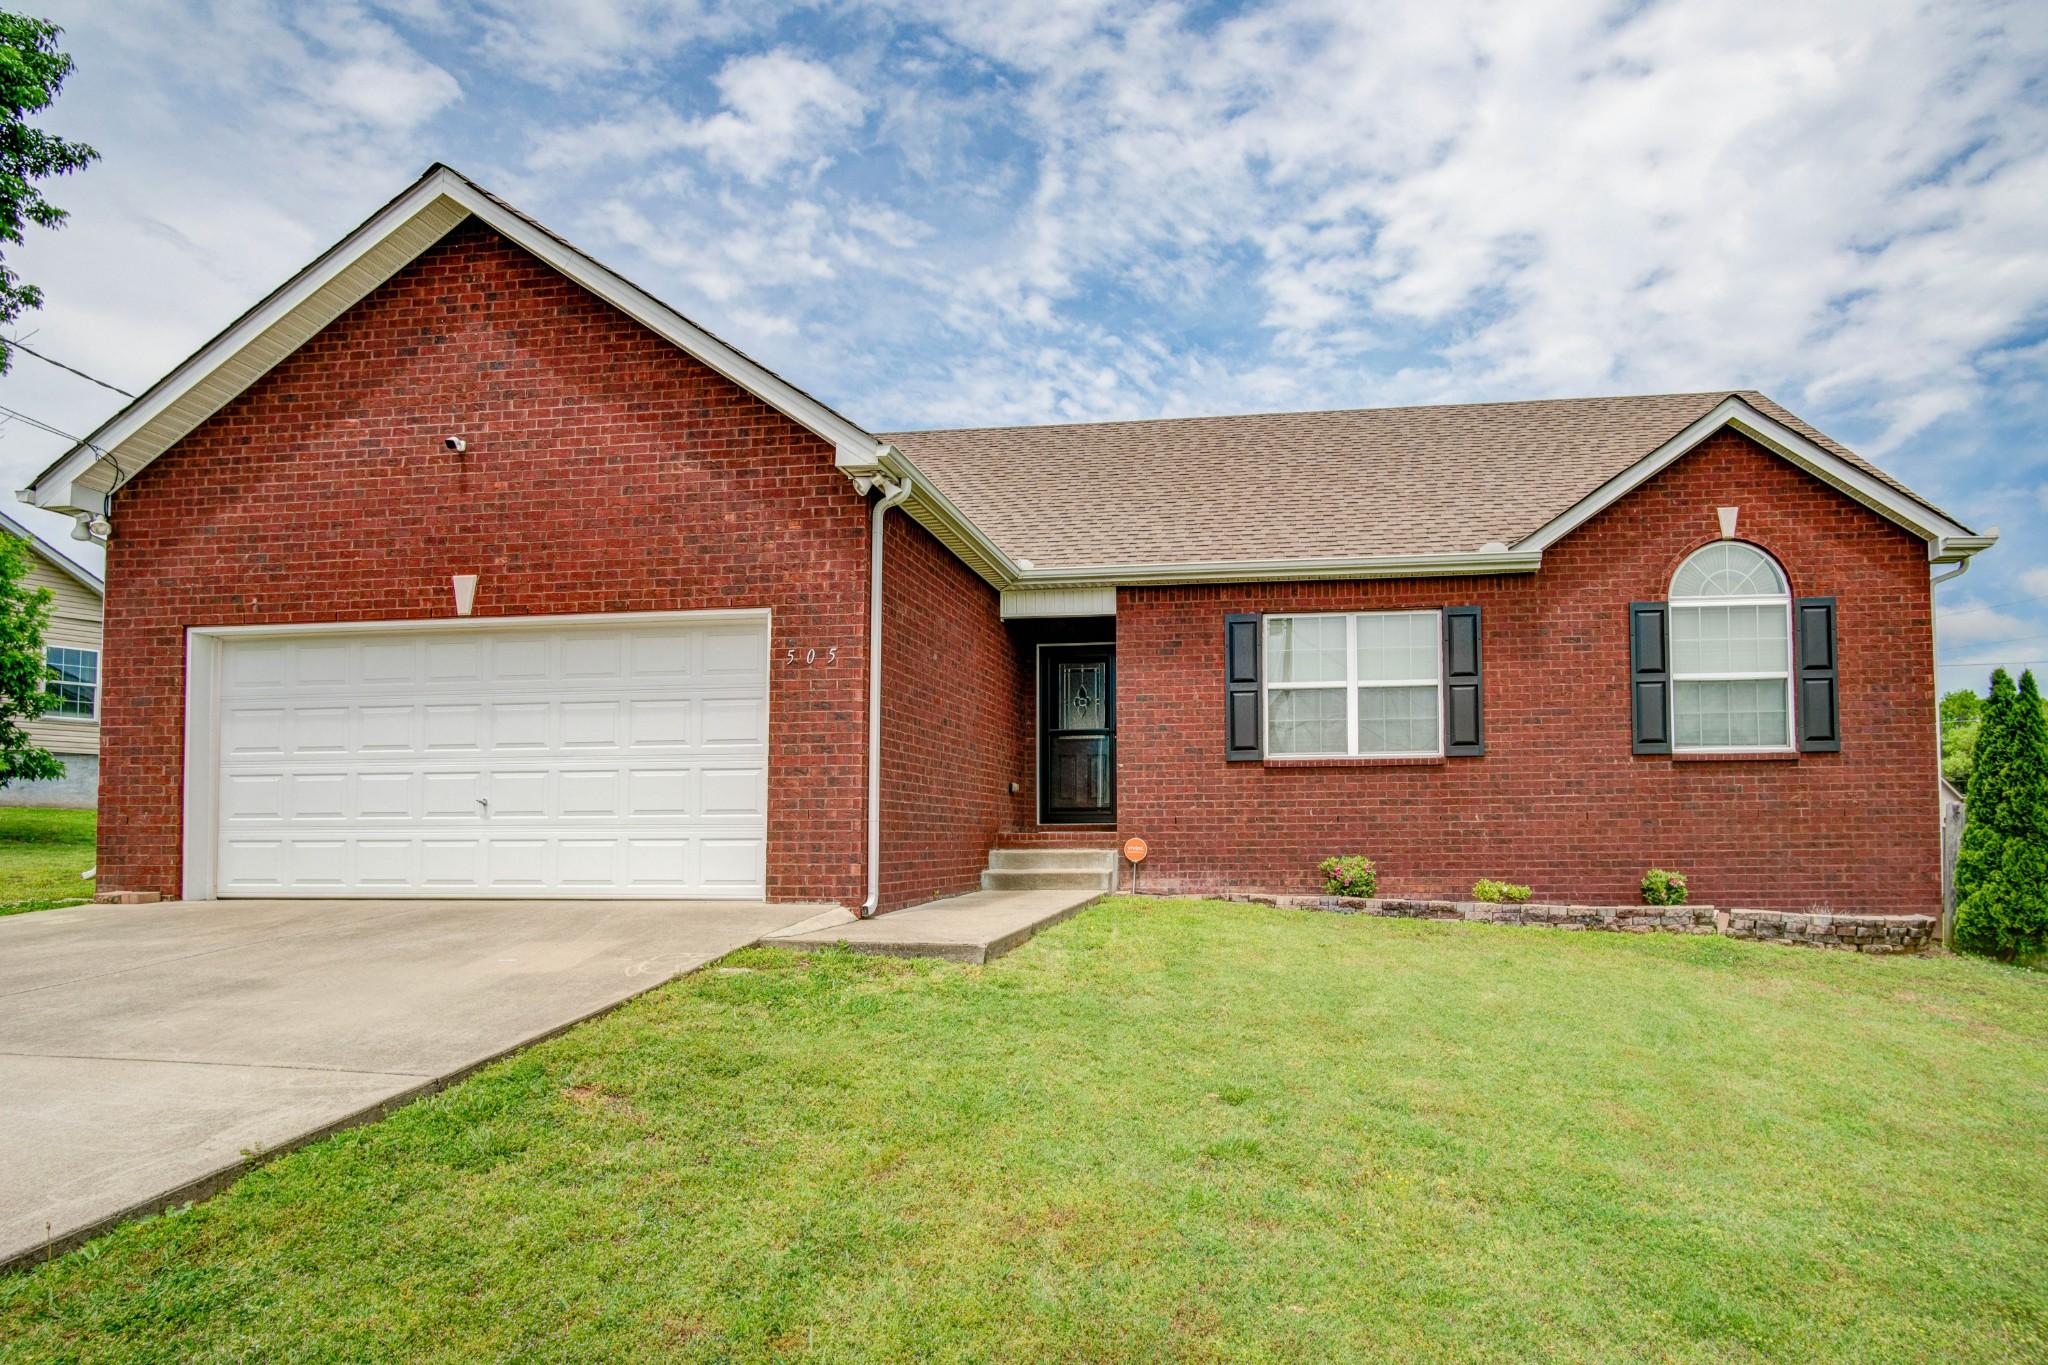 505 Wesley Dr Property Photo - Smyrna, TN real estate listing